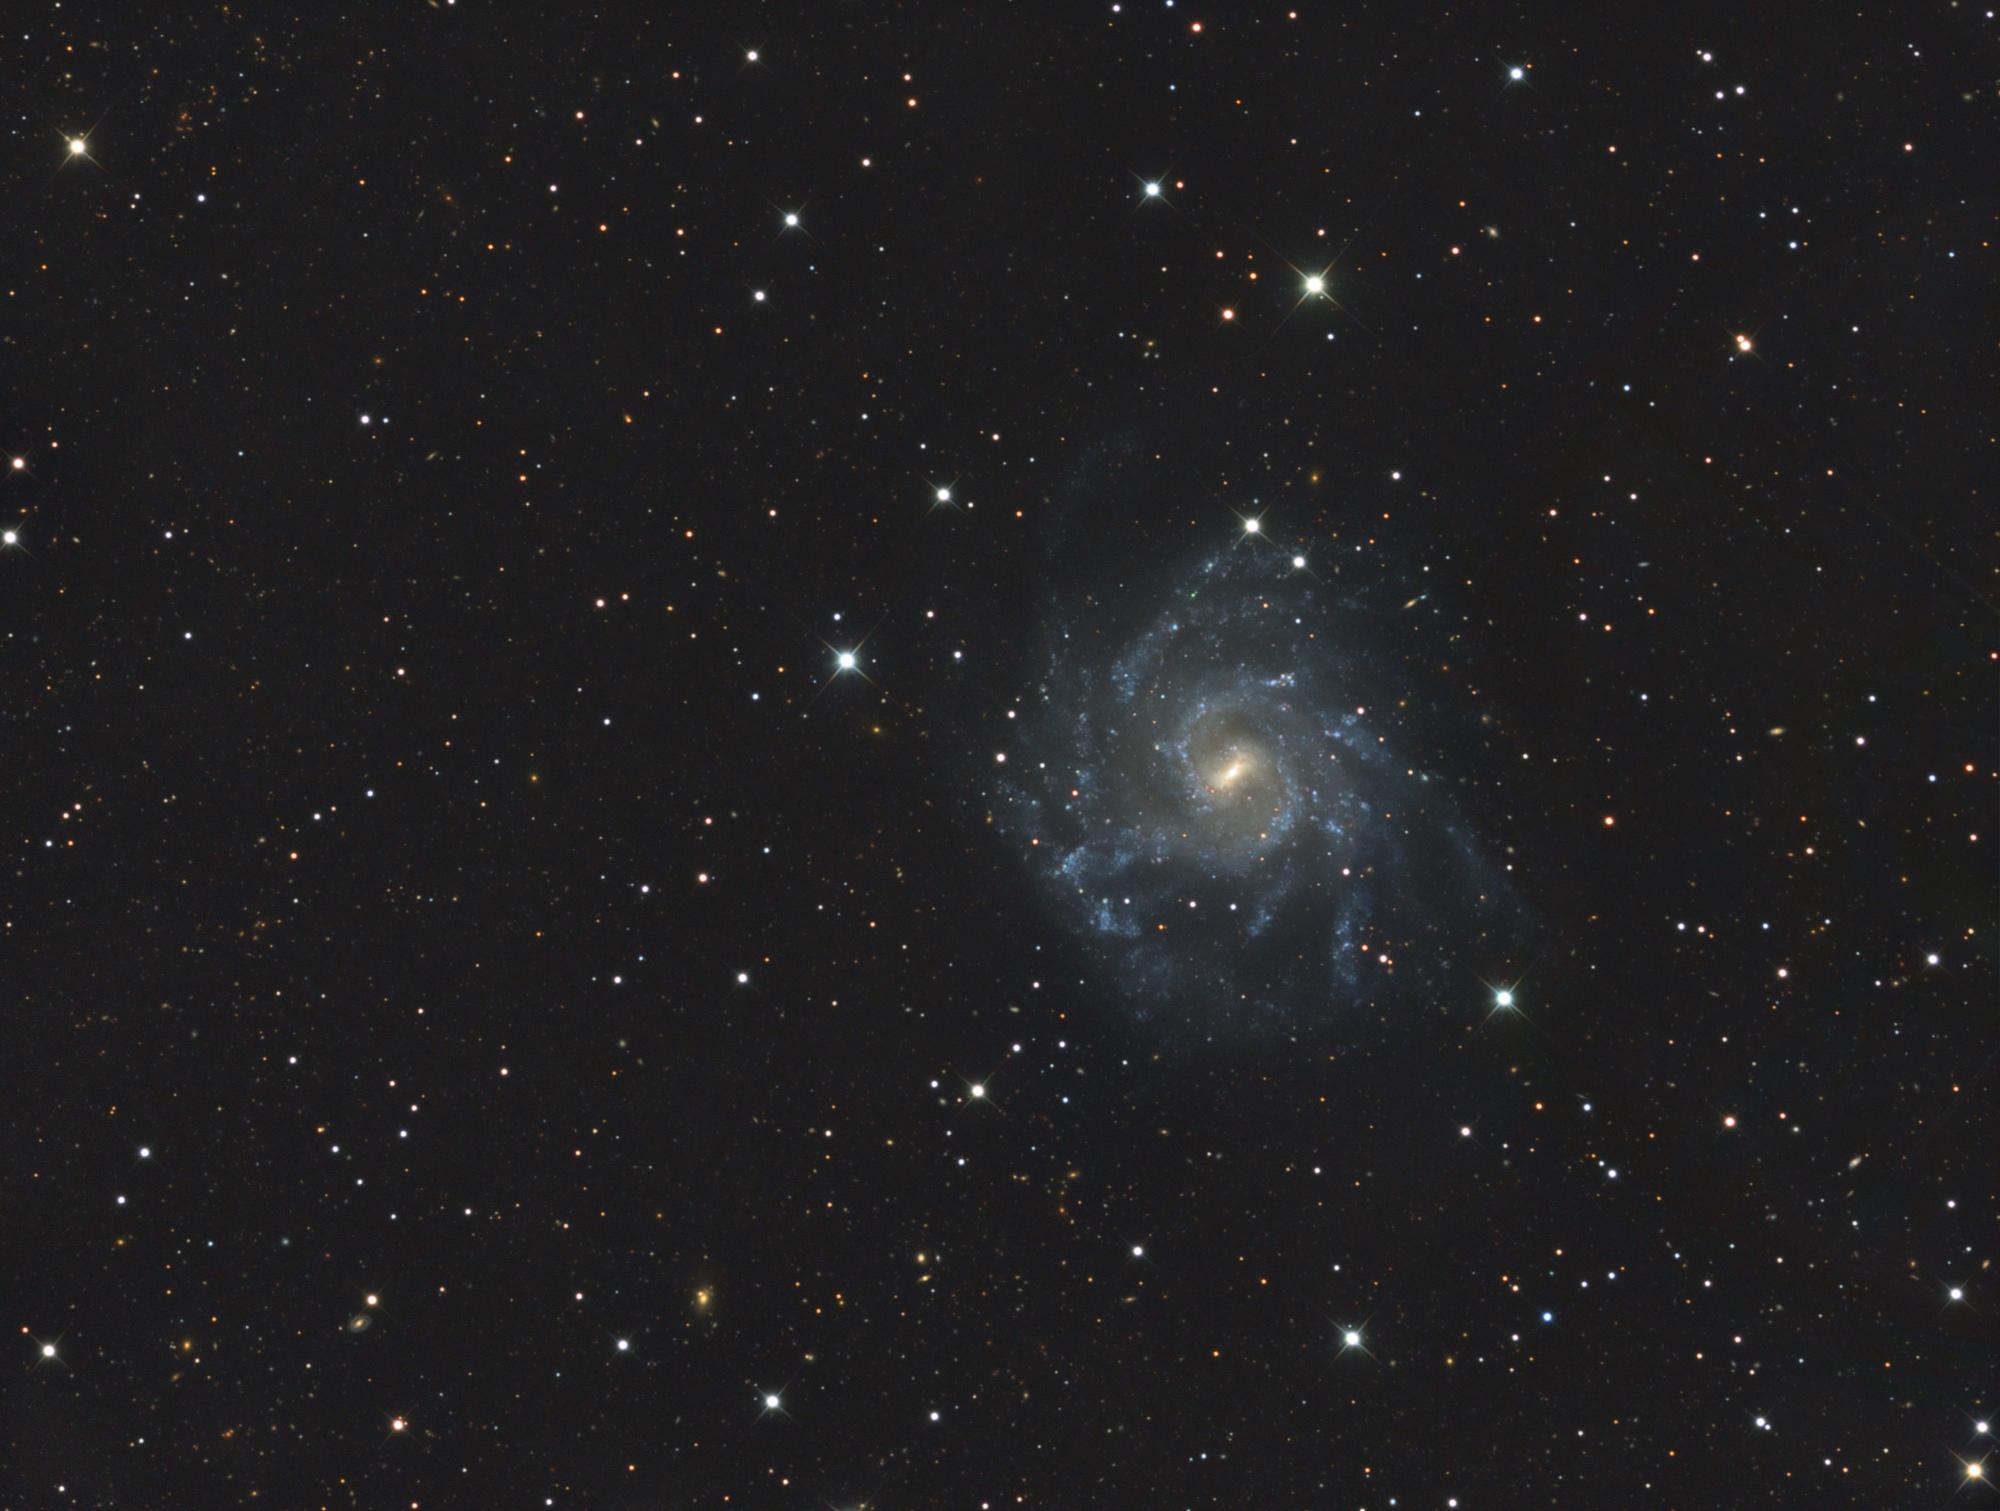 NGC7424-LRVB-V3-Publi.thumb.jpg.08164a5621995f1a58da290f157b3421.jpg